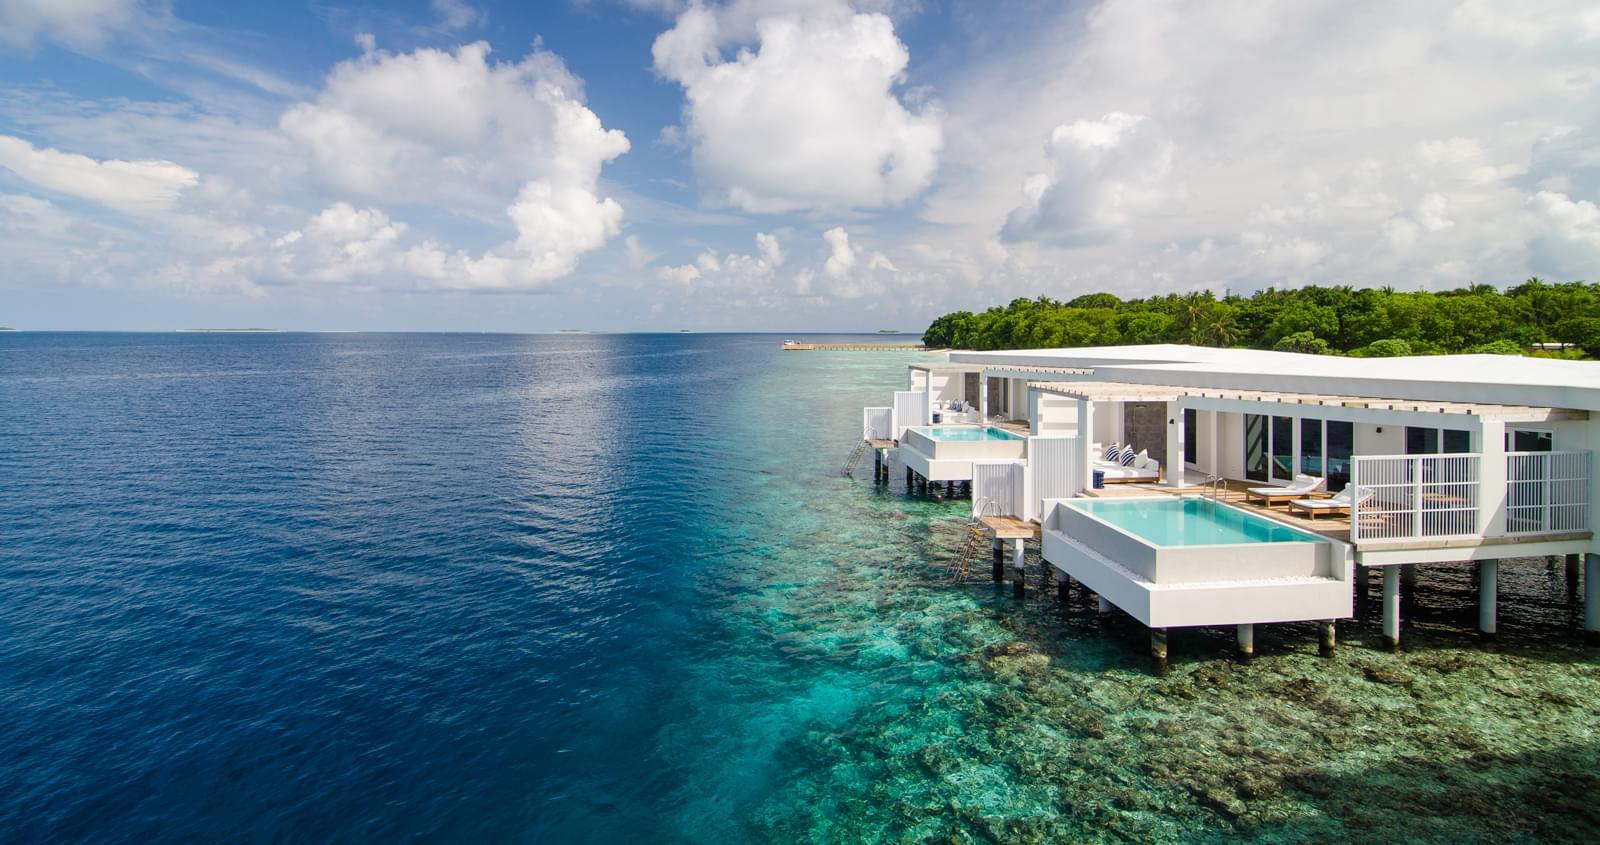 马尔代夫阿米拉岛<br/>Amilla Fushi